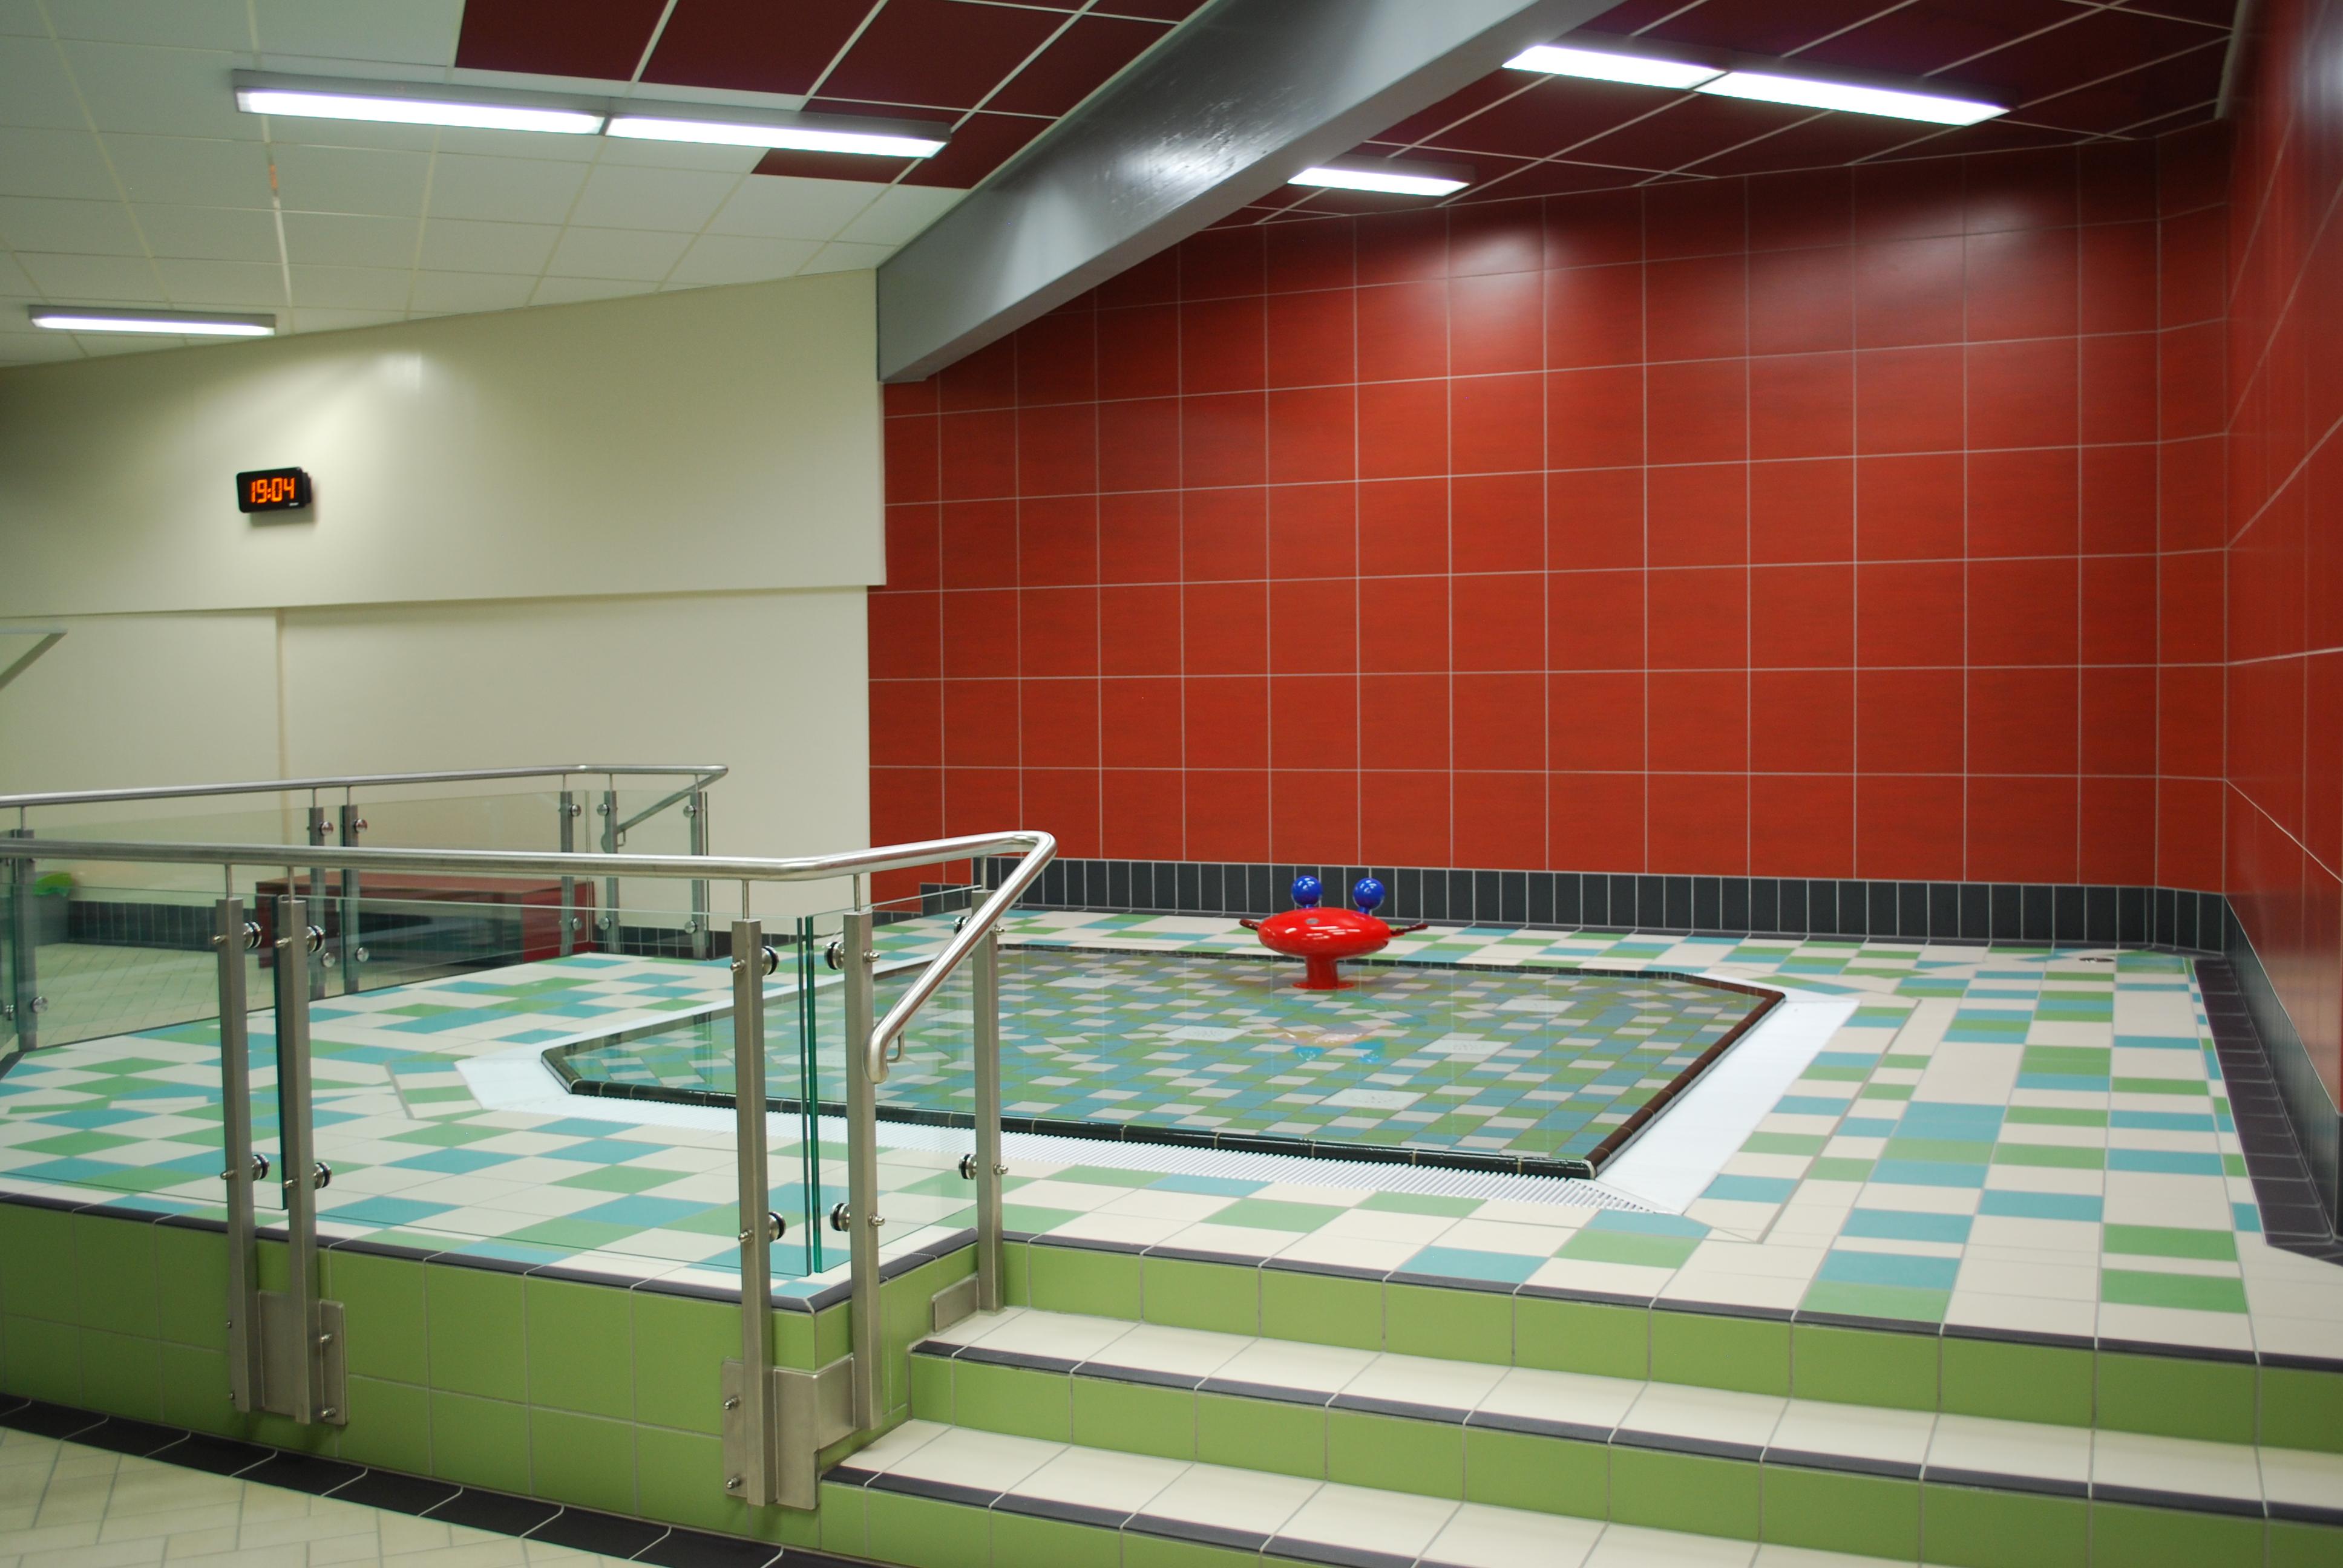 Foto: Planschbecken im Hallenbad des Bad und Sport Oststadt